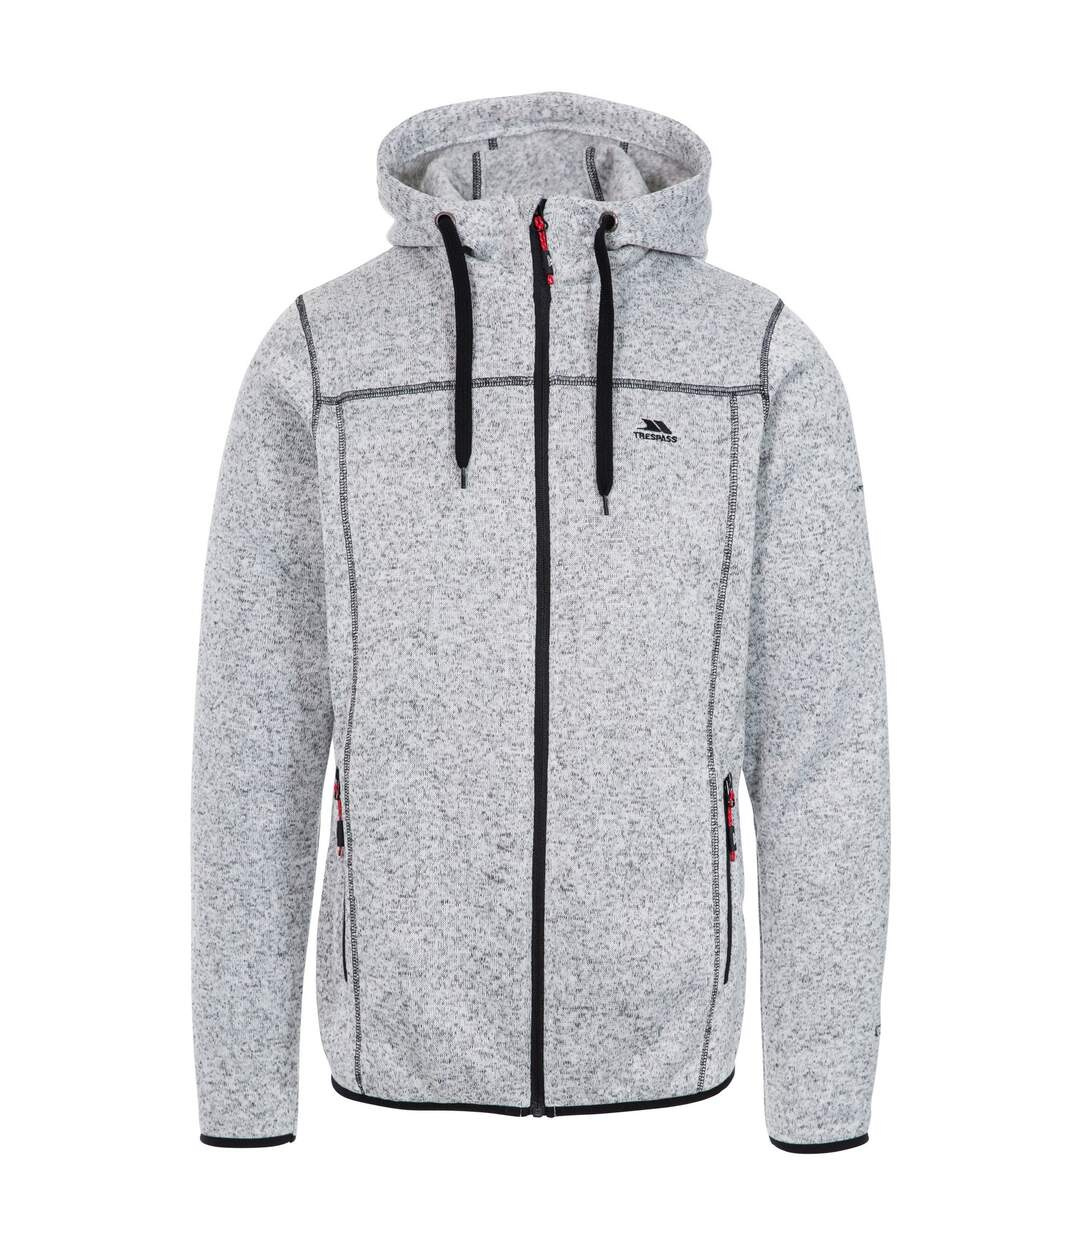 Trespass Mens Odeno Fleece Jacket (Ghost Marl) - UTTP4374